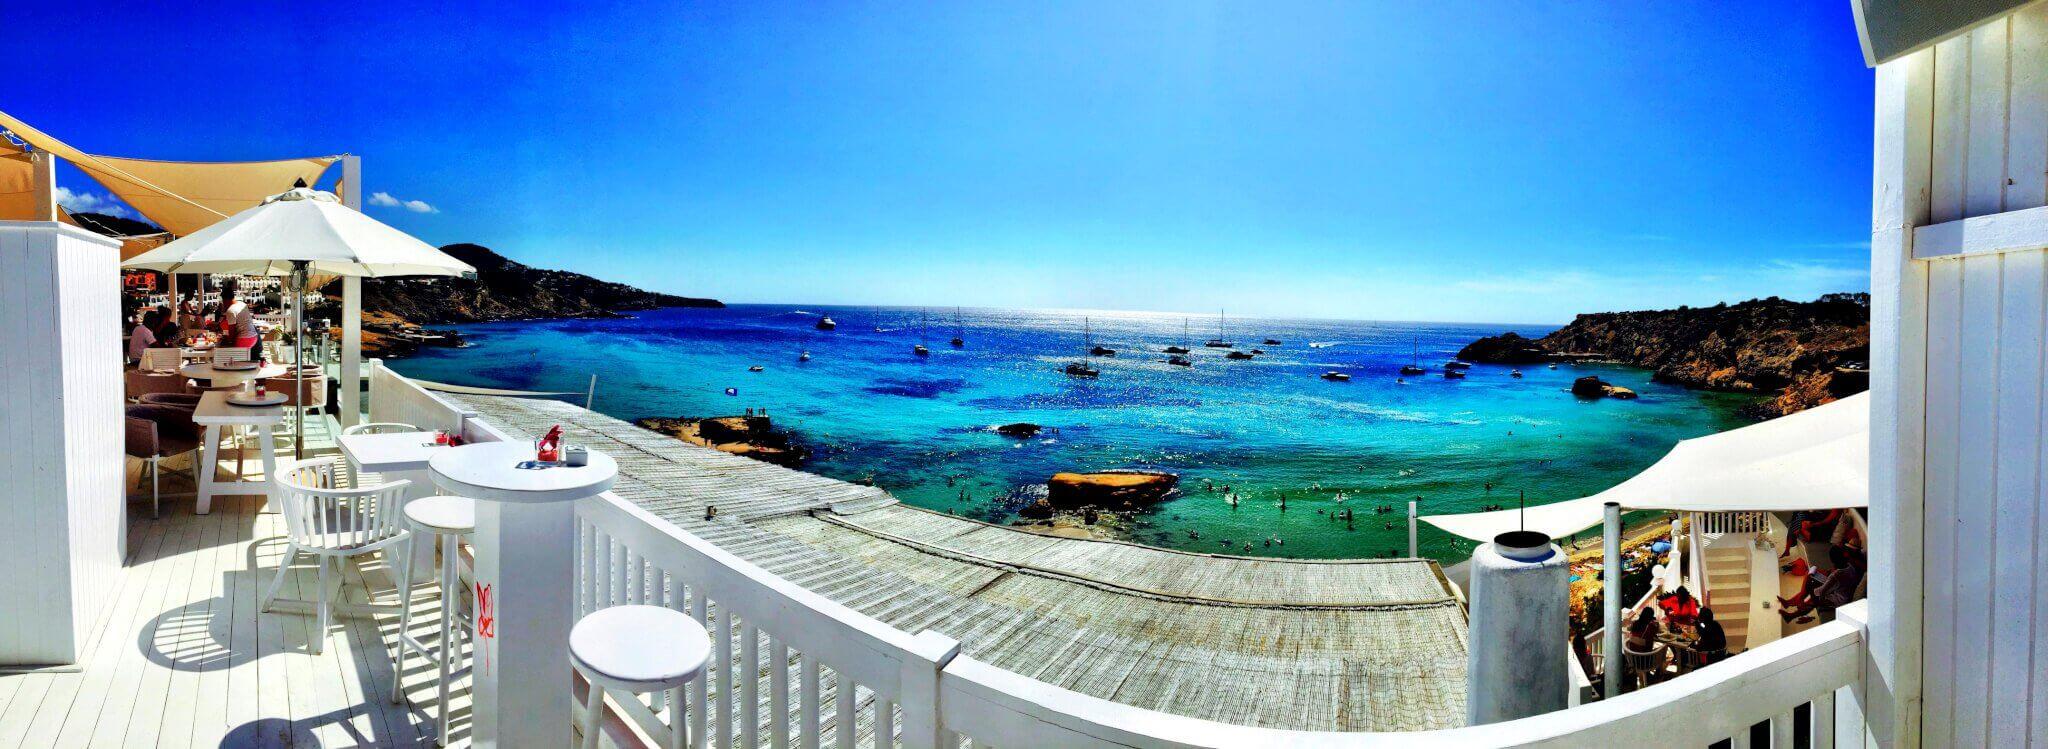 Ausblick Cotton Beach Ibiza